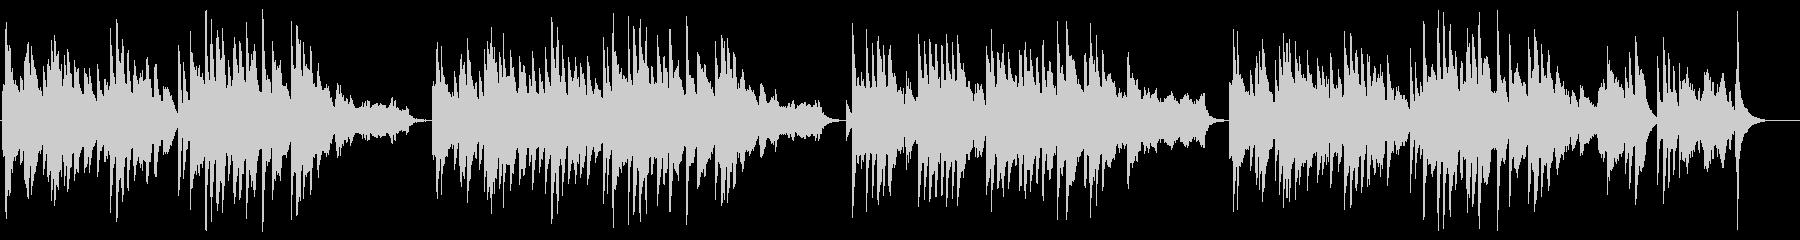 しっとりムーディーなピアノソロの未再生の波形